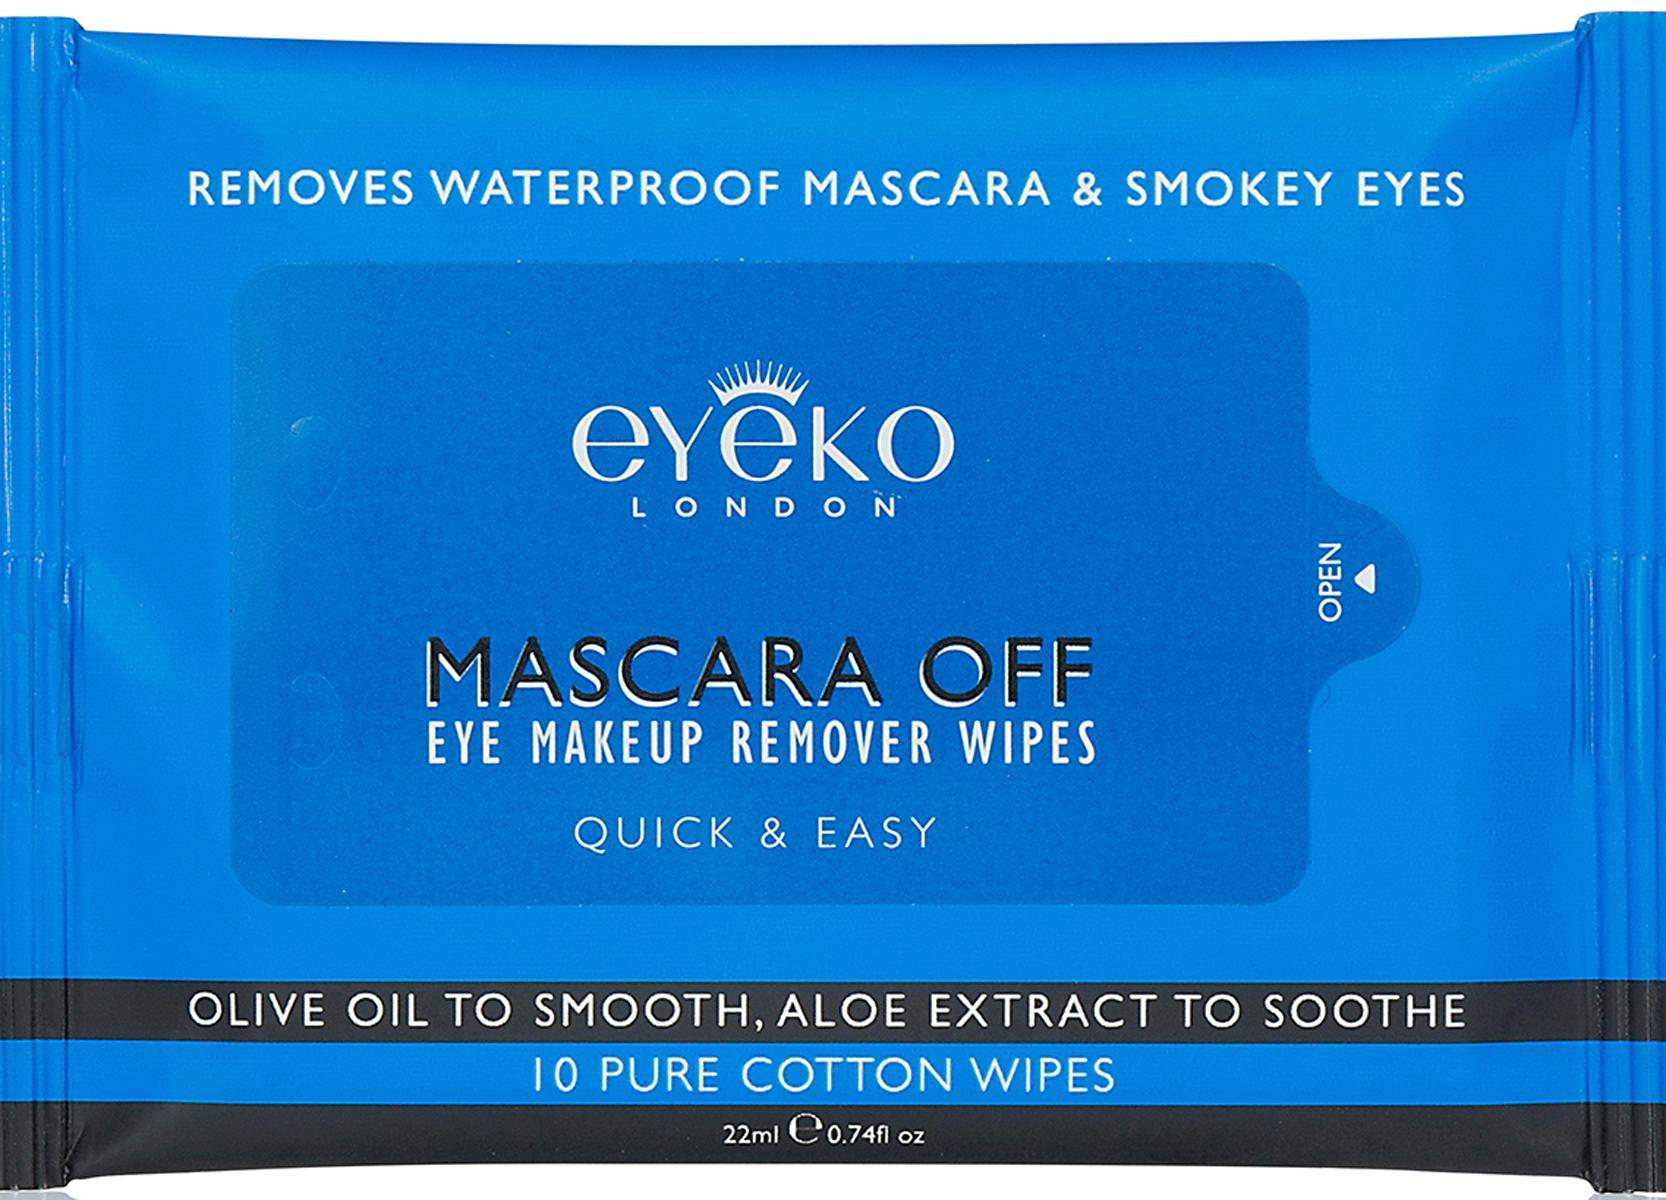 Eyeko Салфетки для снятия макияжа с глаз (1 упаковка - 10 штук)EAMOW0001Салфетки из 100% хлопка полностью снимают водостойкий макияж и даже самые густые «смоки», действуя мягко, быстро и эффективно. В состав входит растительный комплекс с оливковым маслом и экстрактом алоэ для ухода за нежной кожей вокруг глаз. Идеальны для путешествий и для того, чтобы просто бросить в сумочку и снимать макияж на ходу, смягчая и освежая кожу.